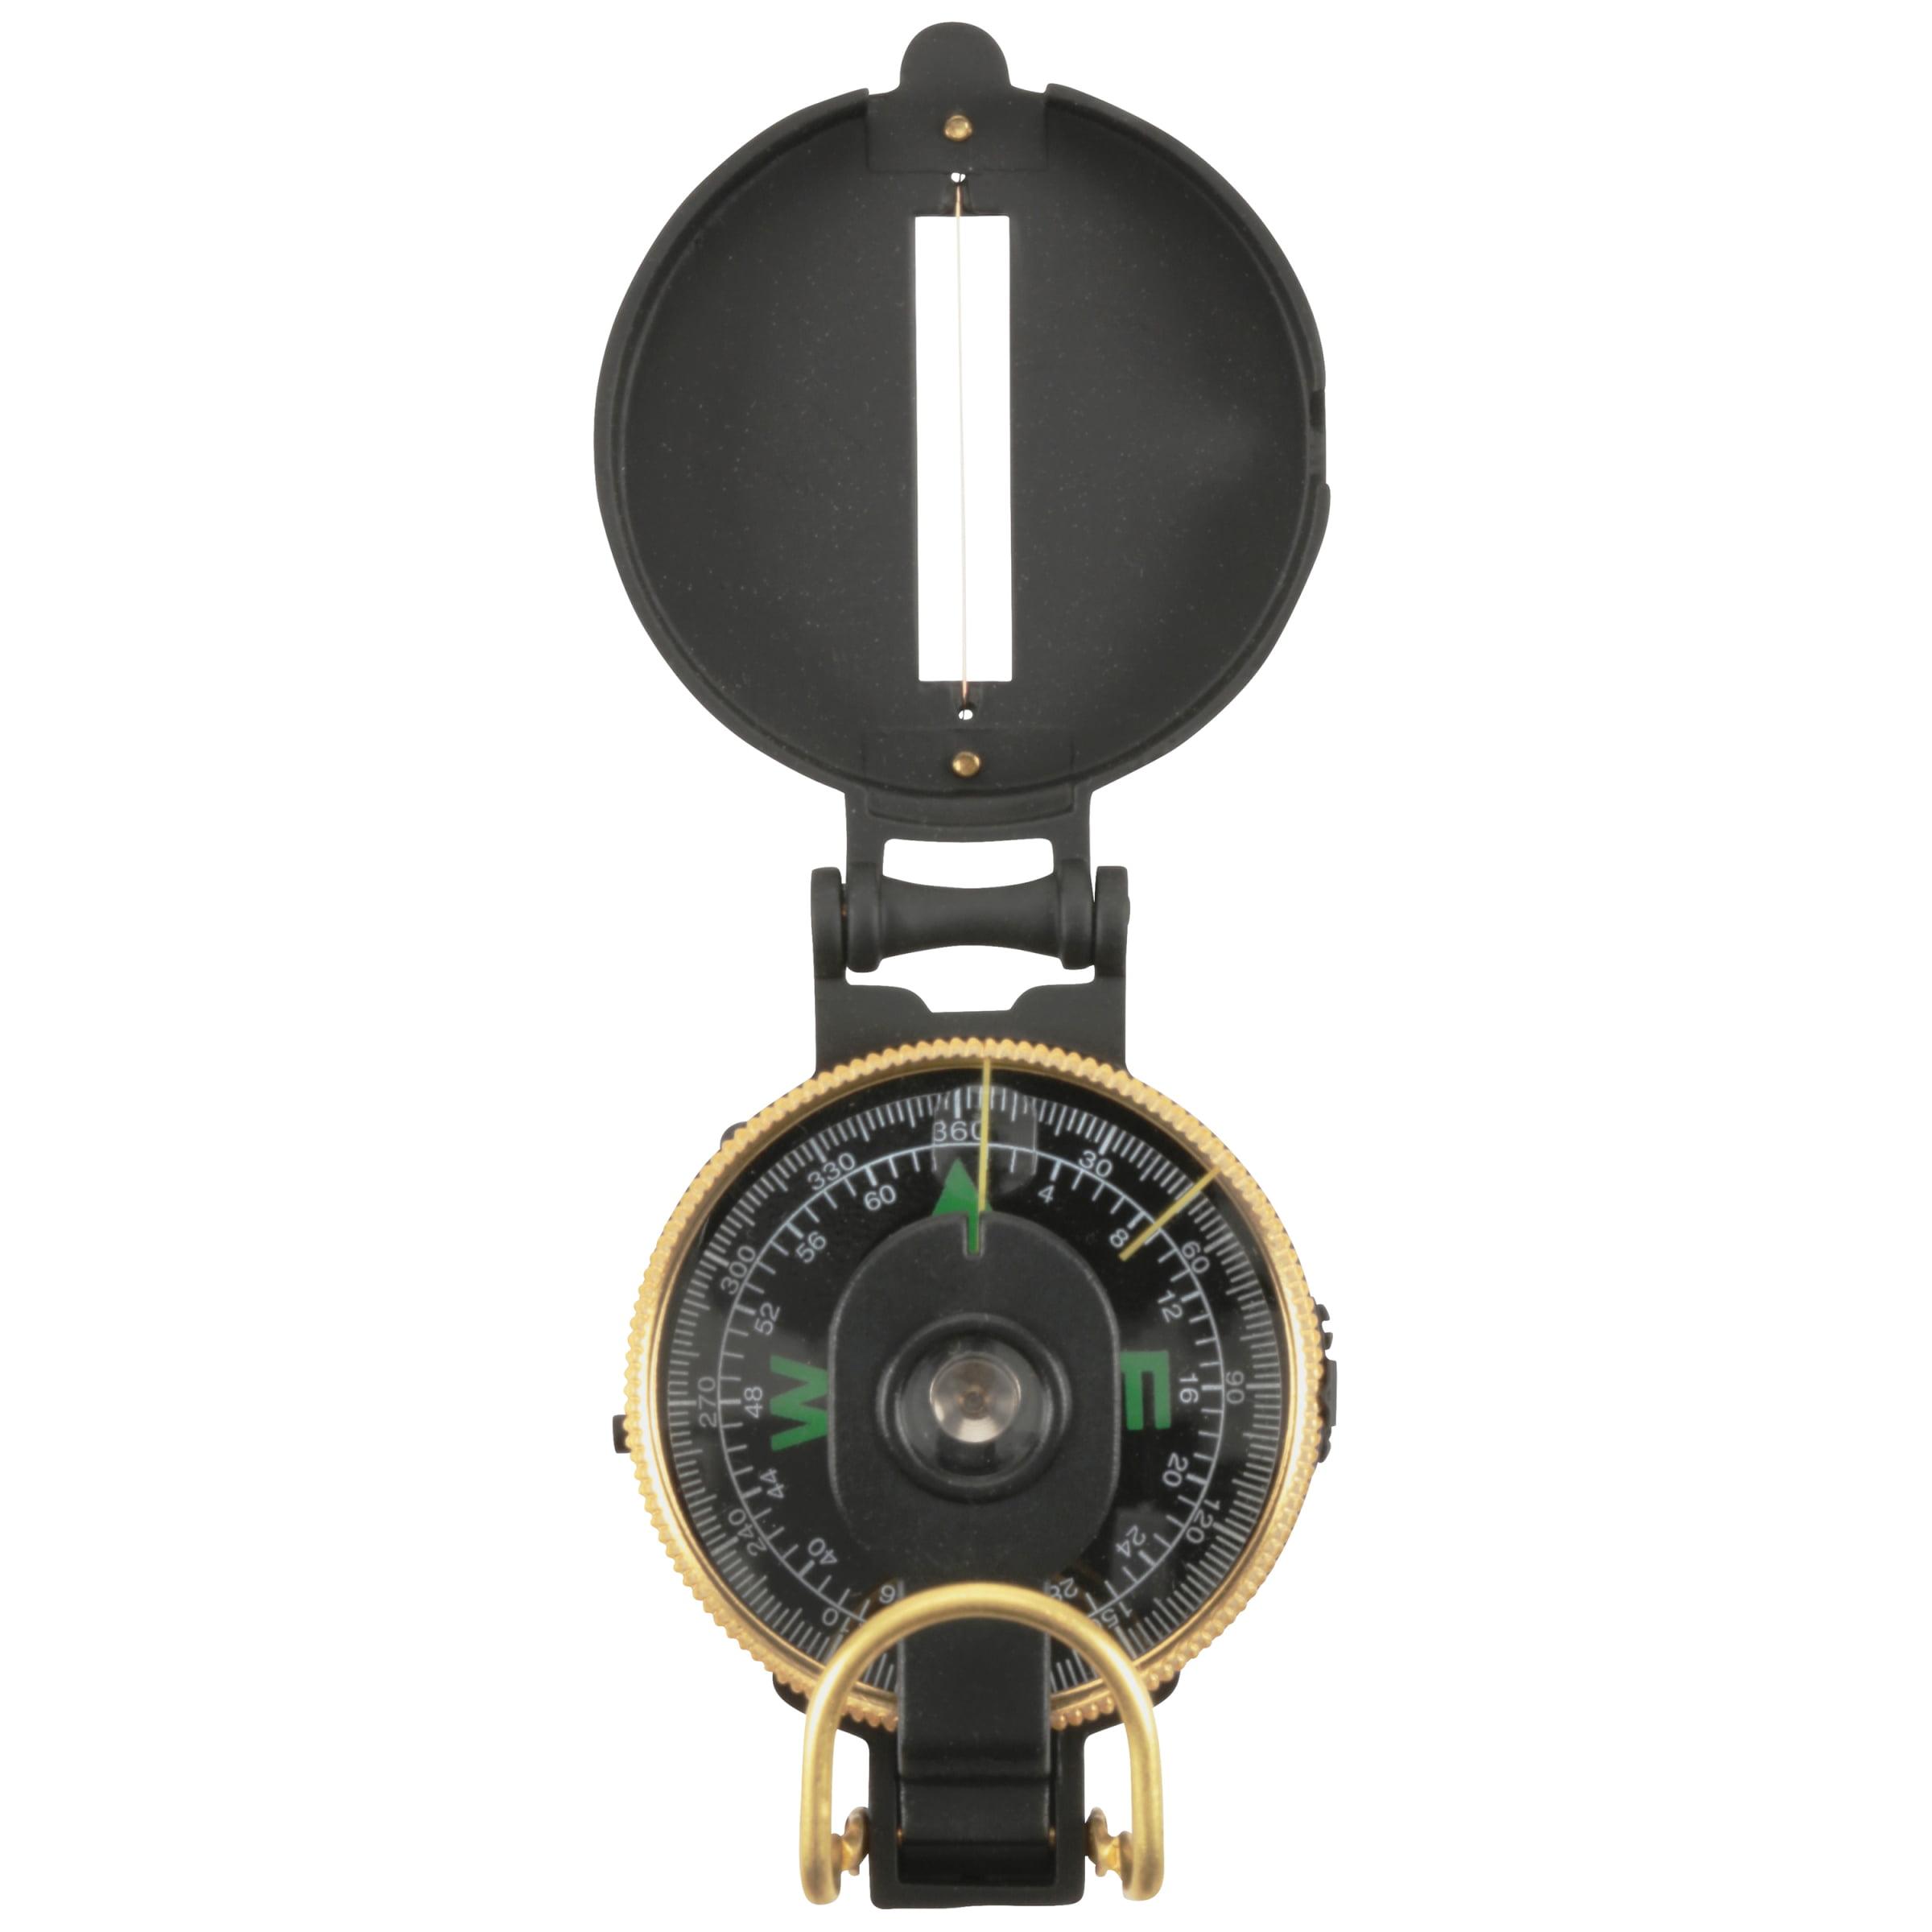 Stansport Lensatic Compass Peg